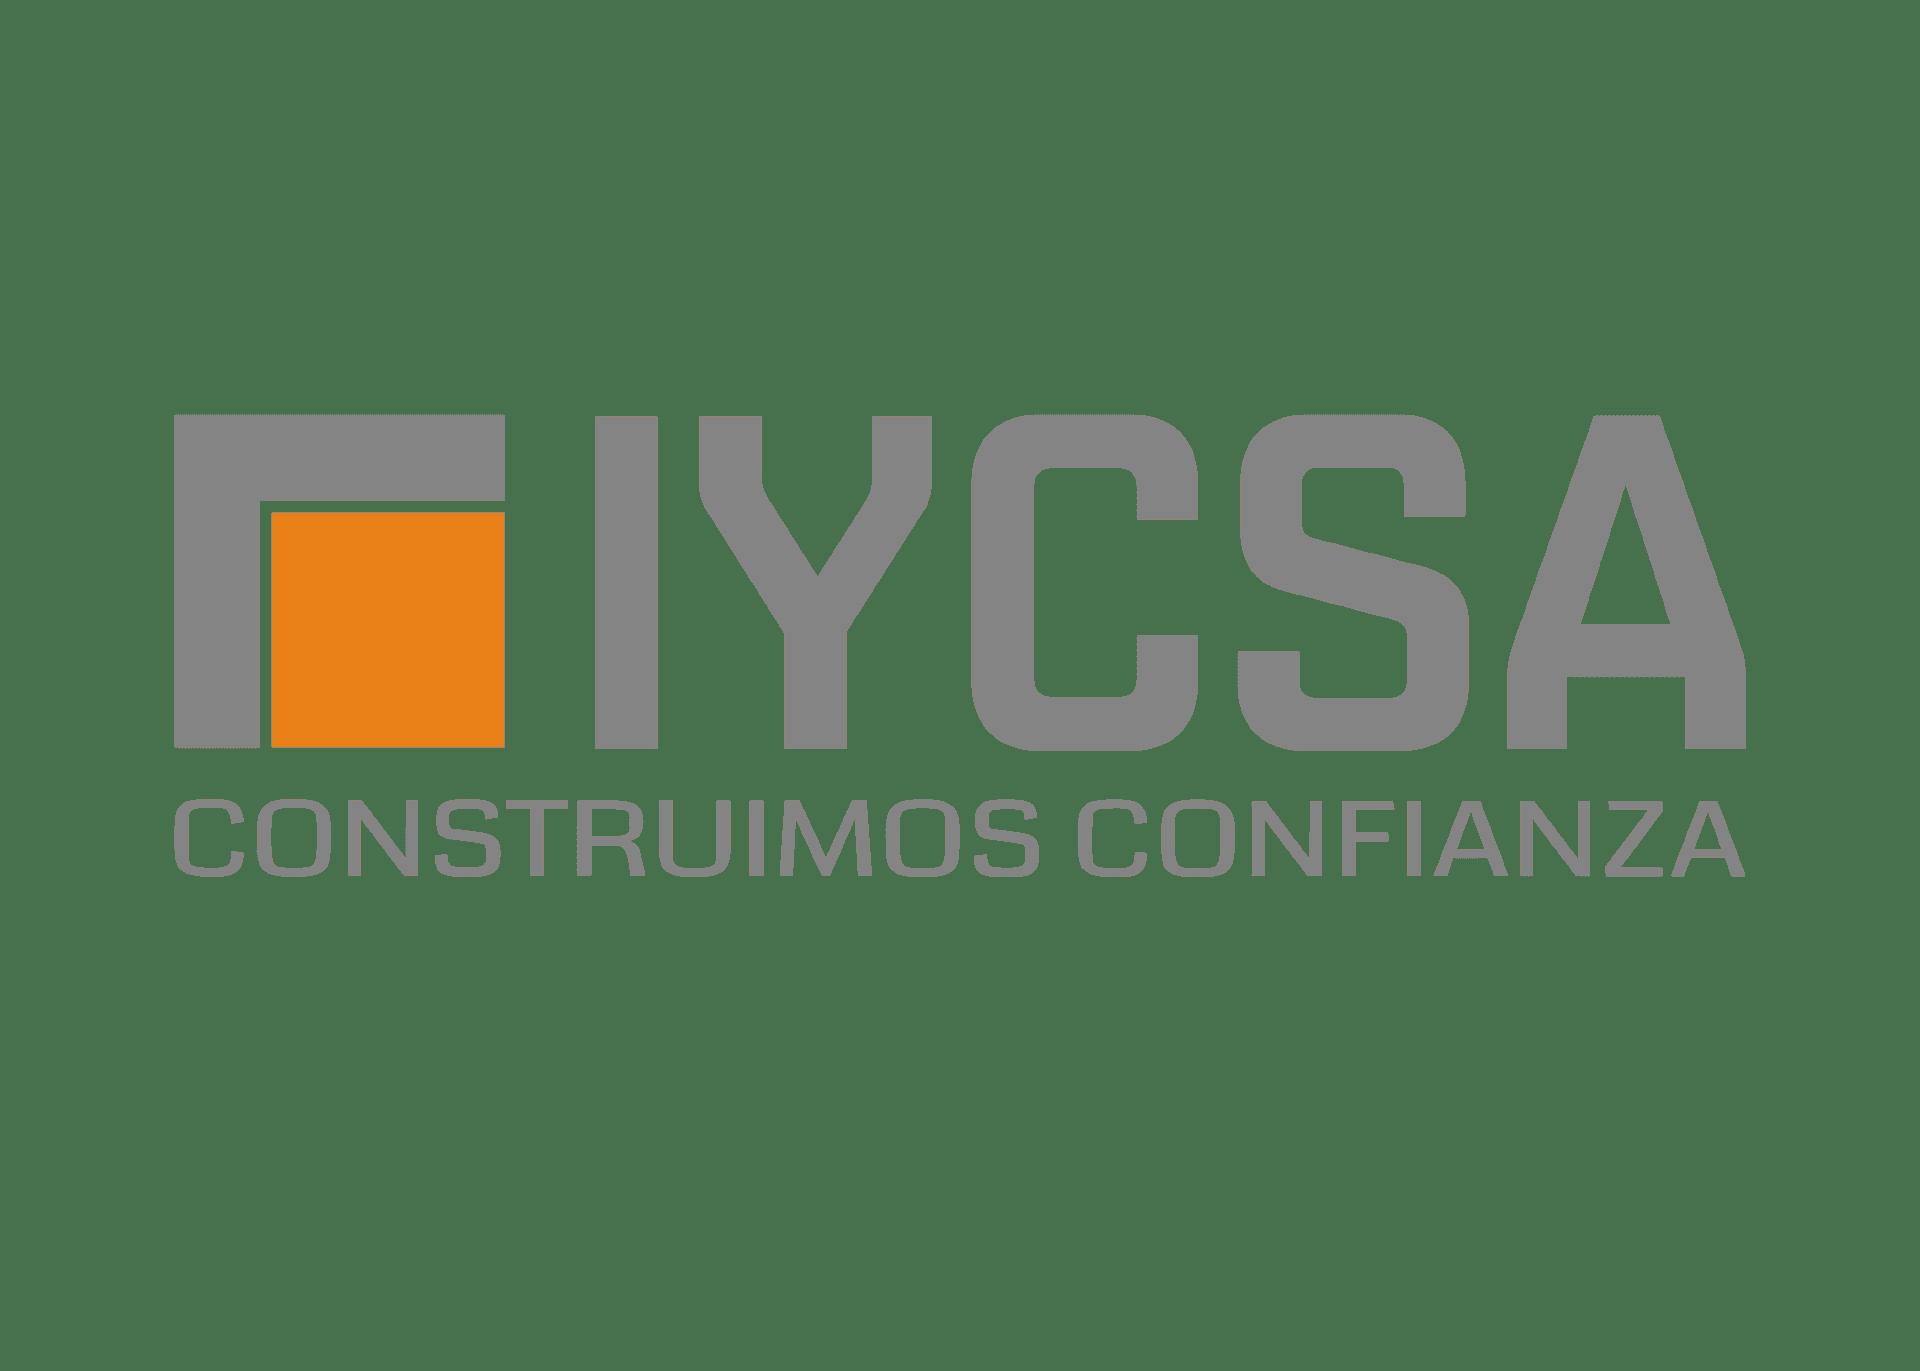 IYCSA   Construimos confianza